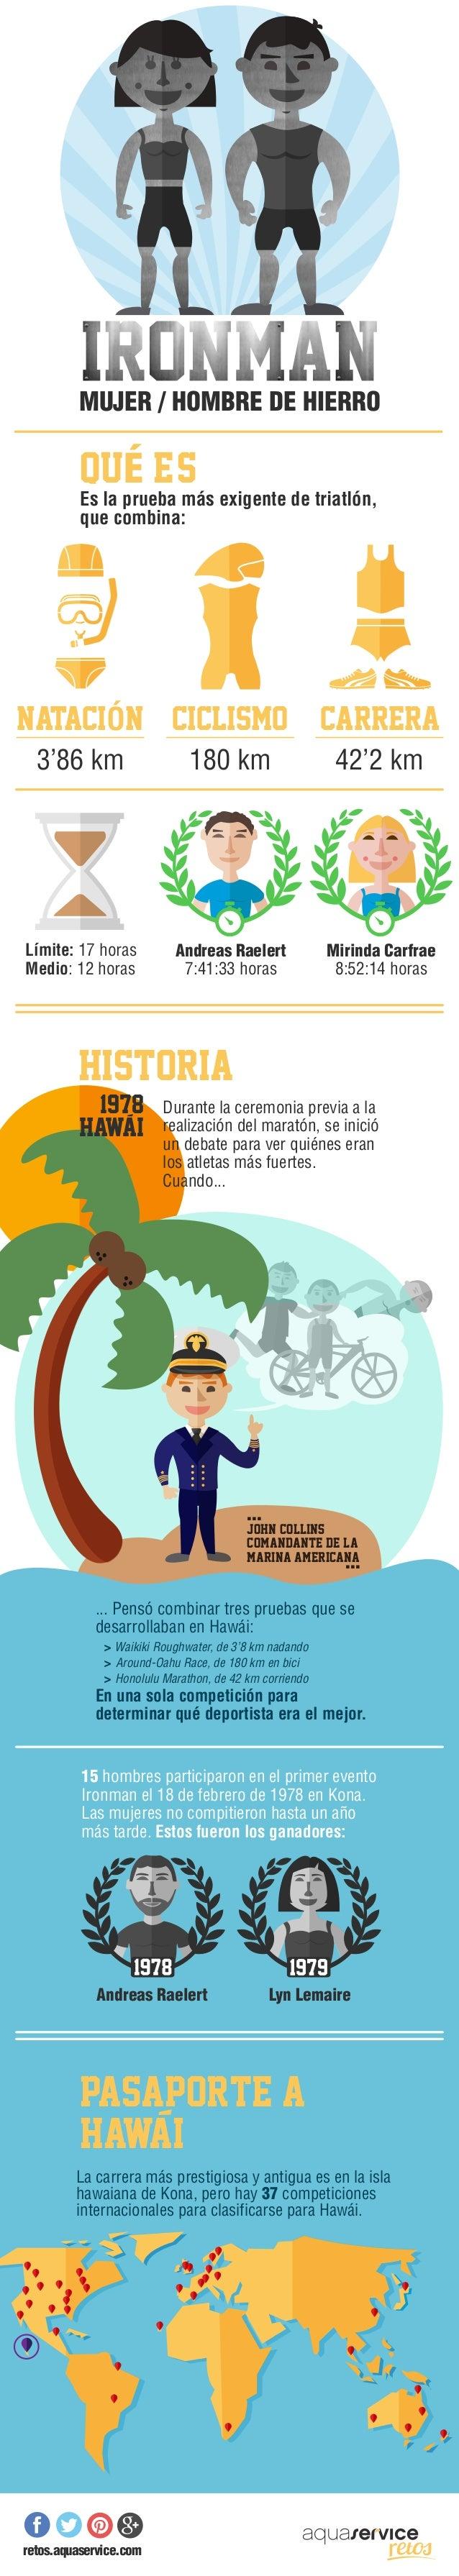 Es la prueba más exigente de triatlón, que combina: QUÉ E-S++ MUJER / HOMBRE DE HIERRO HISTORIA Durante la ceremonia previ...